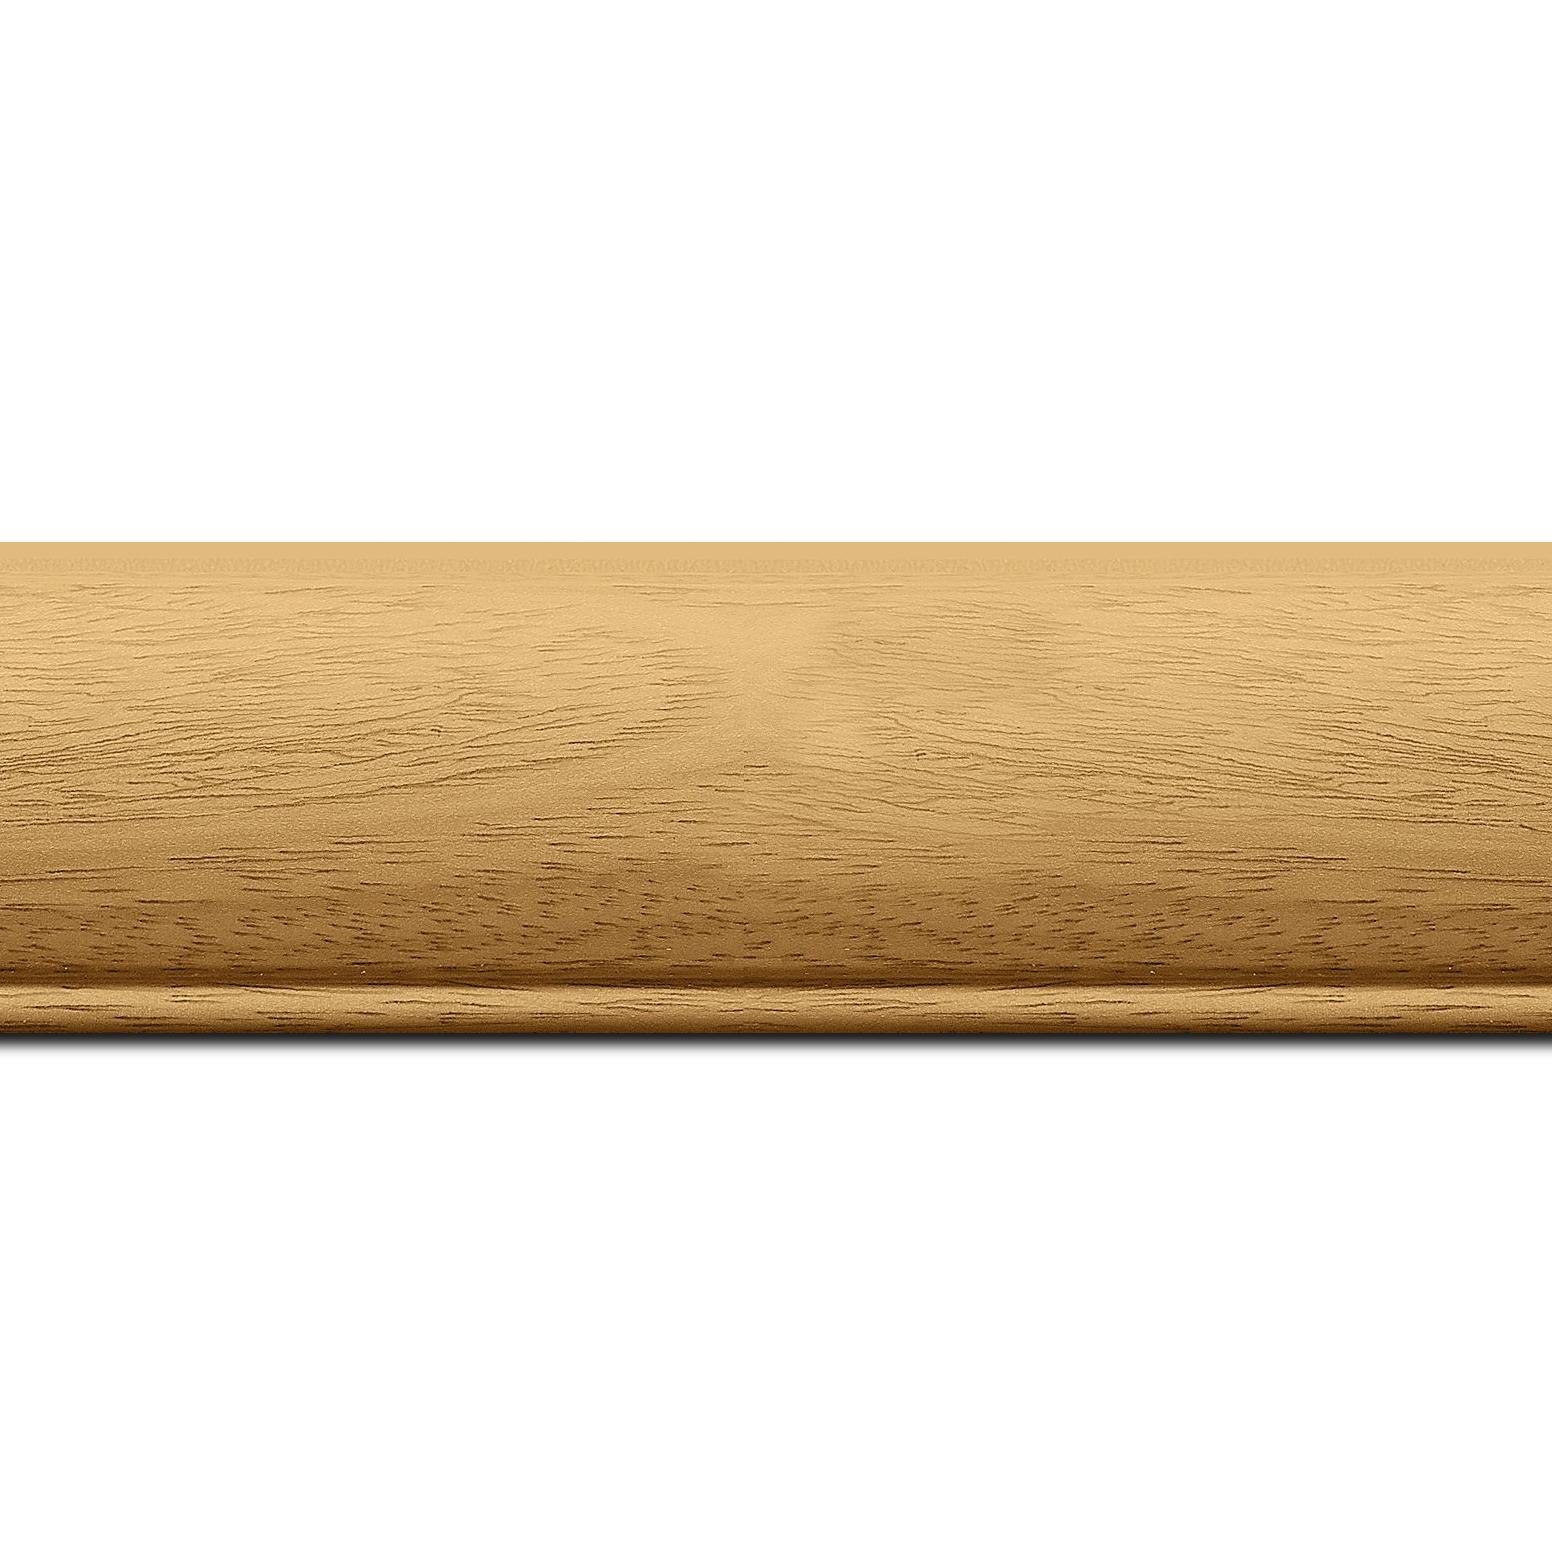 Baguette longueur 1.40m bois profil arrondi largeur 4.7cm couleur naturel satiné